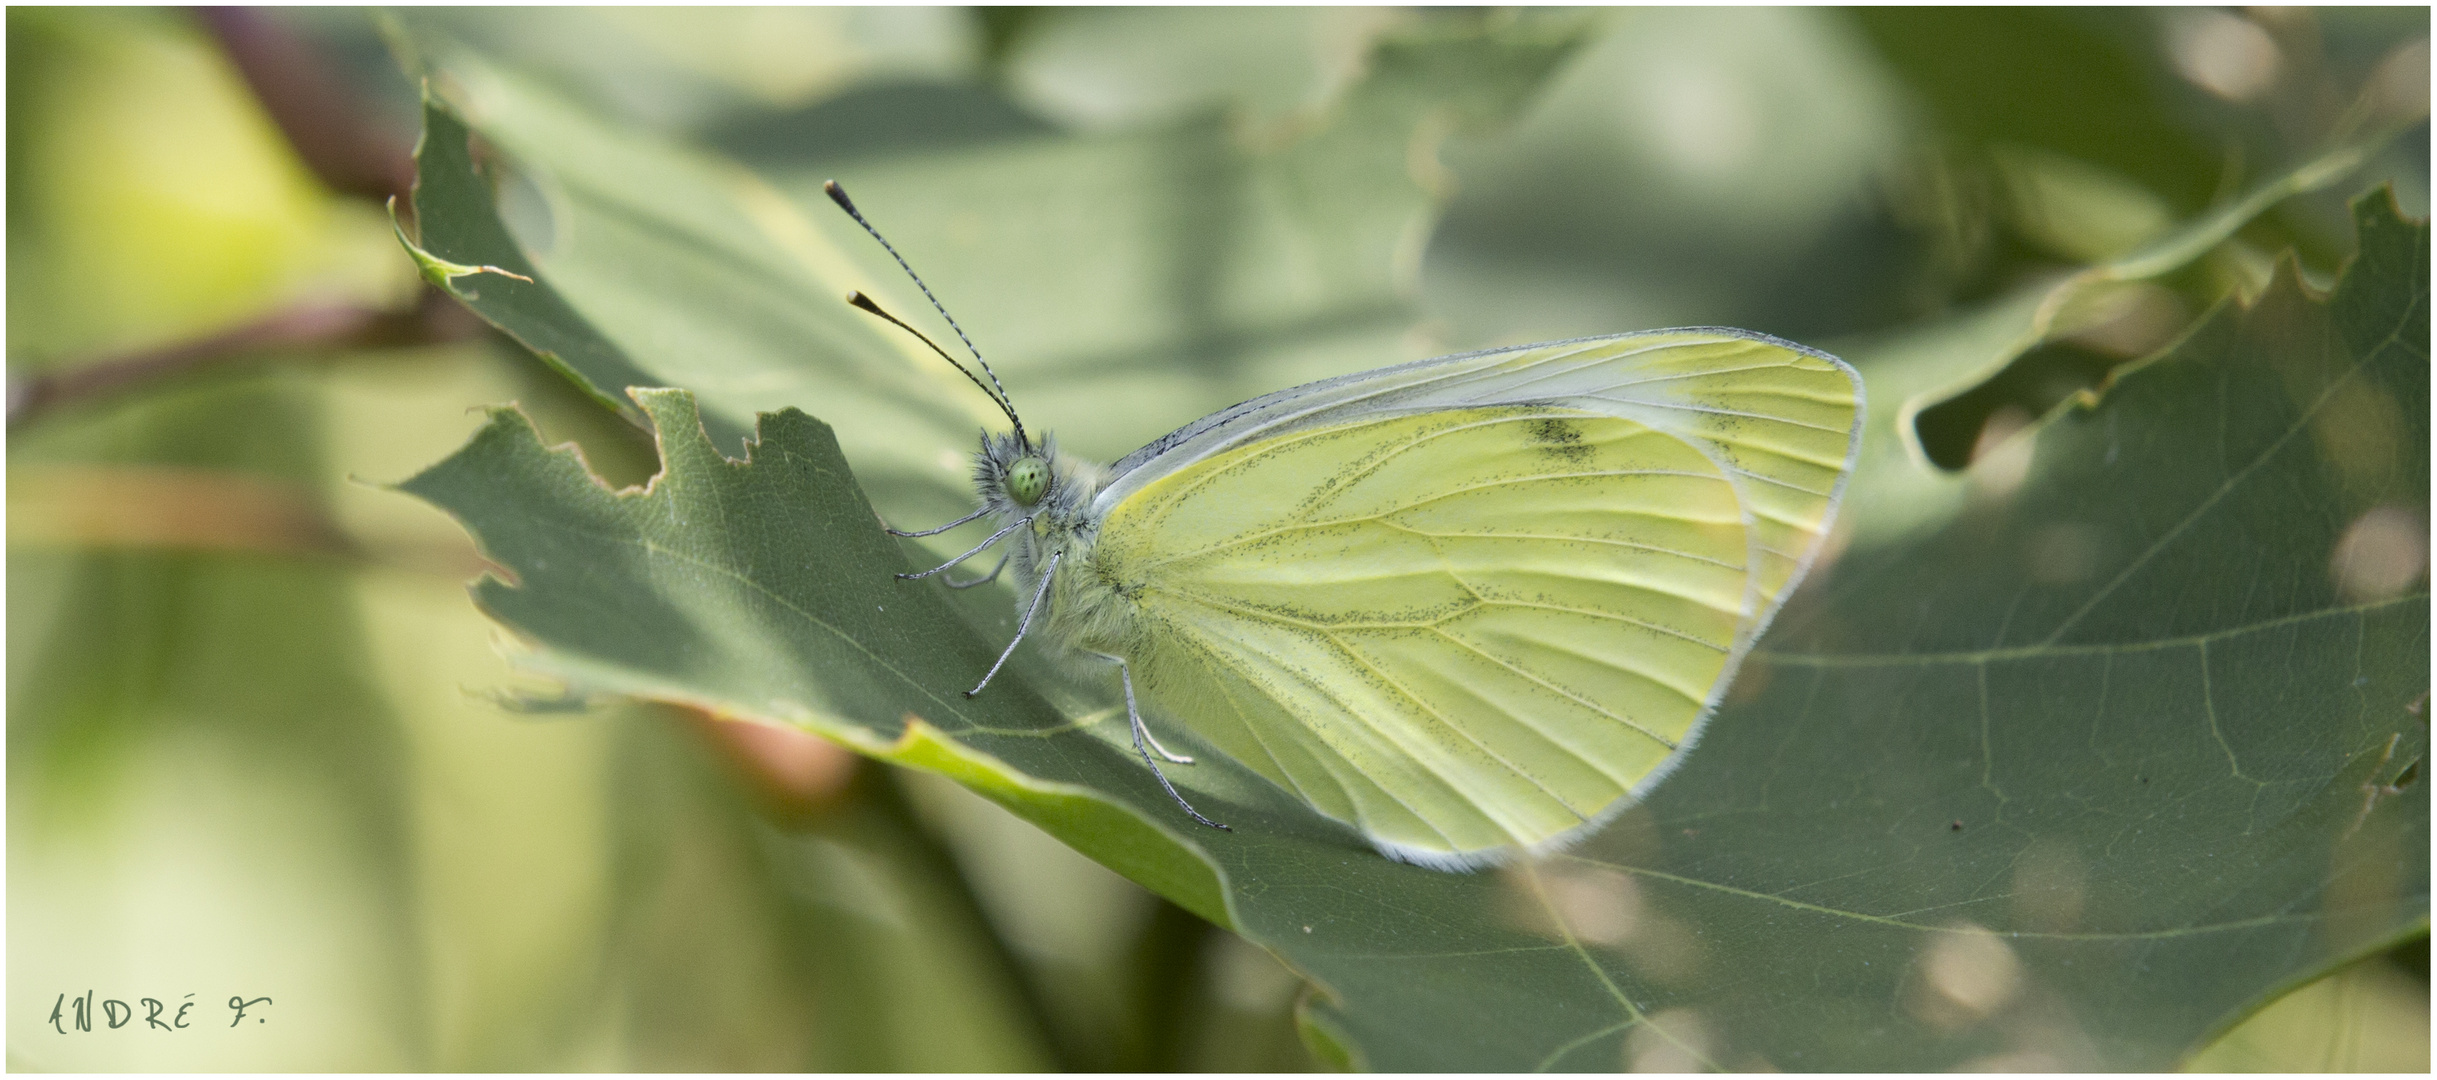 Butterfly|Effect